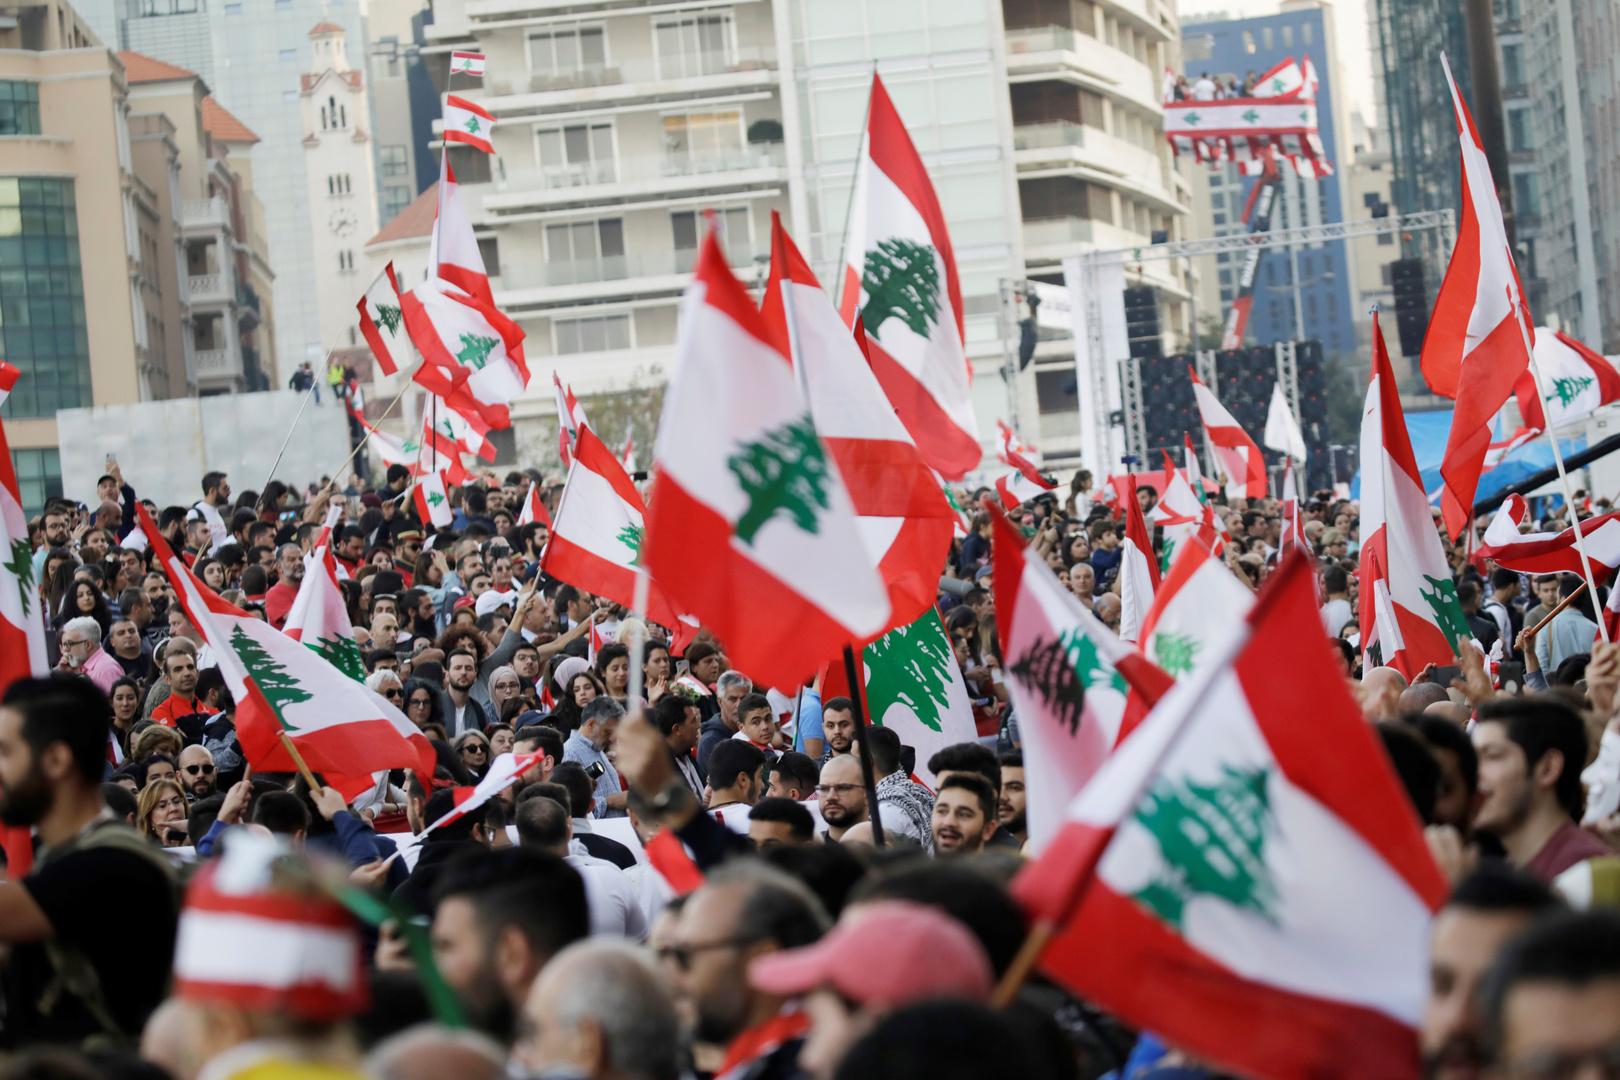 احتجاجات لبنان 22 نوفمبر 2019